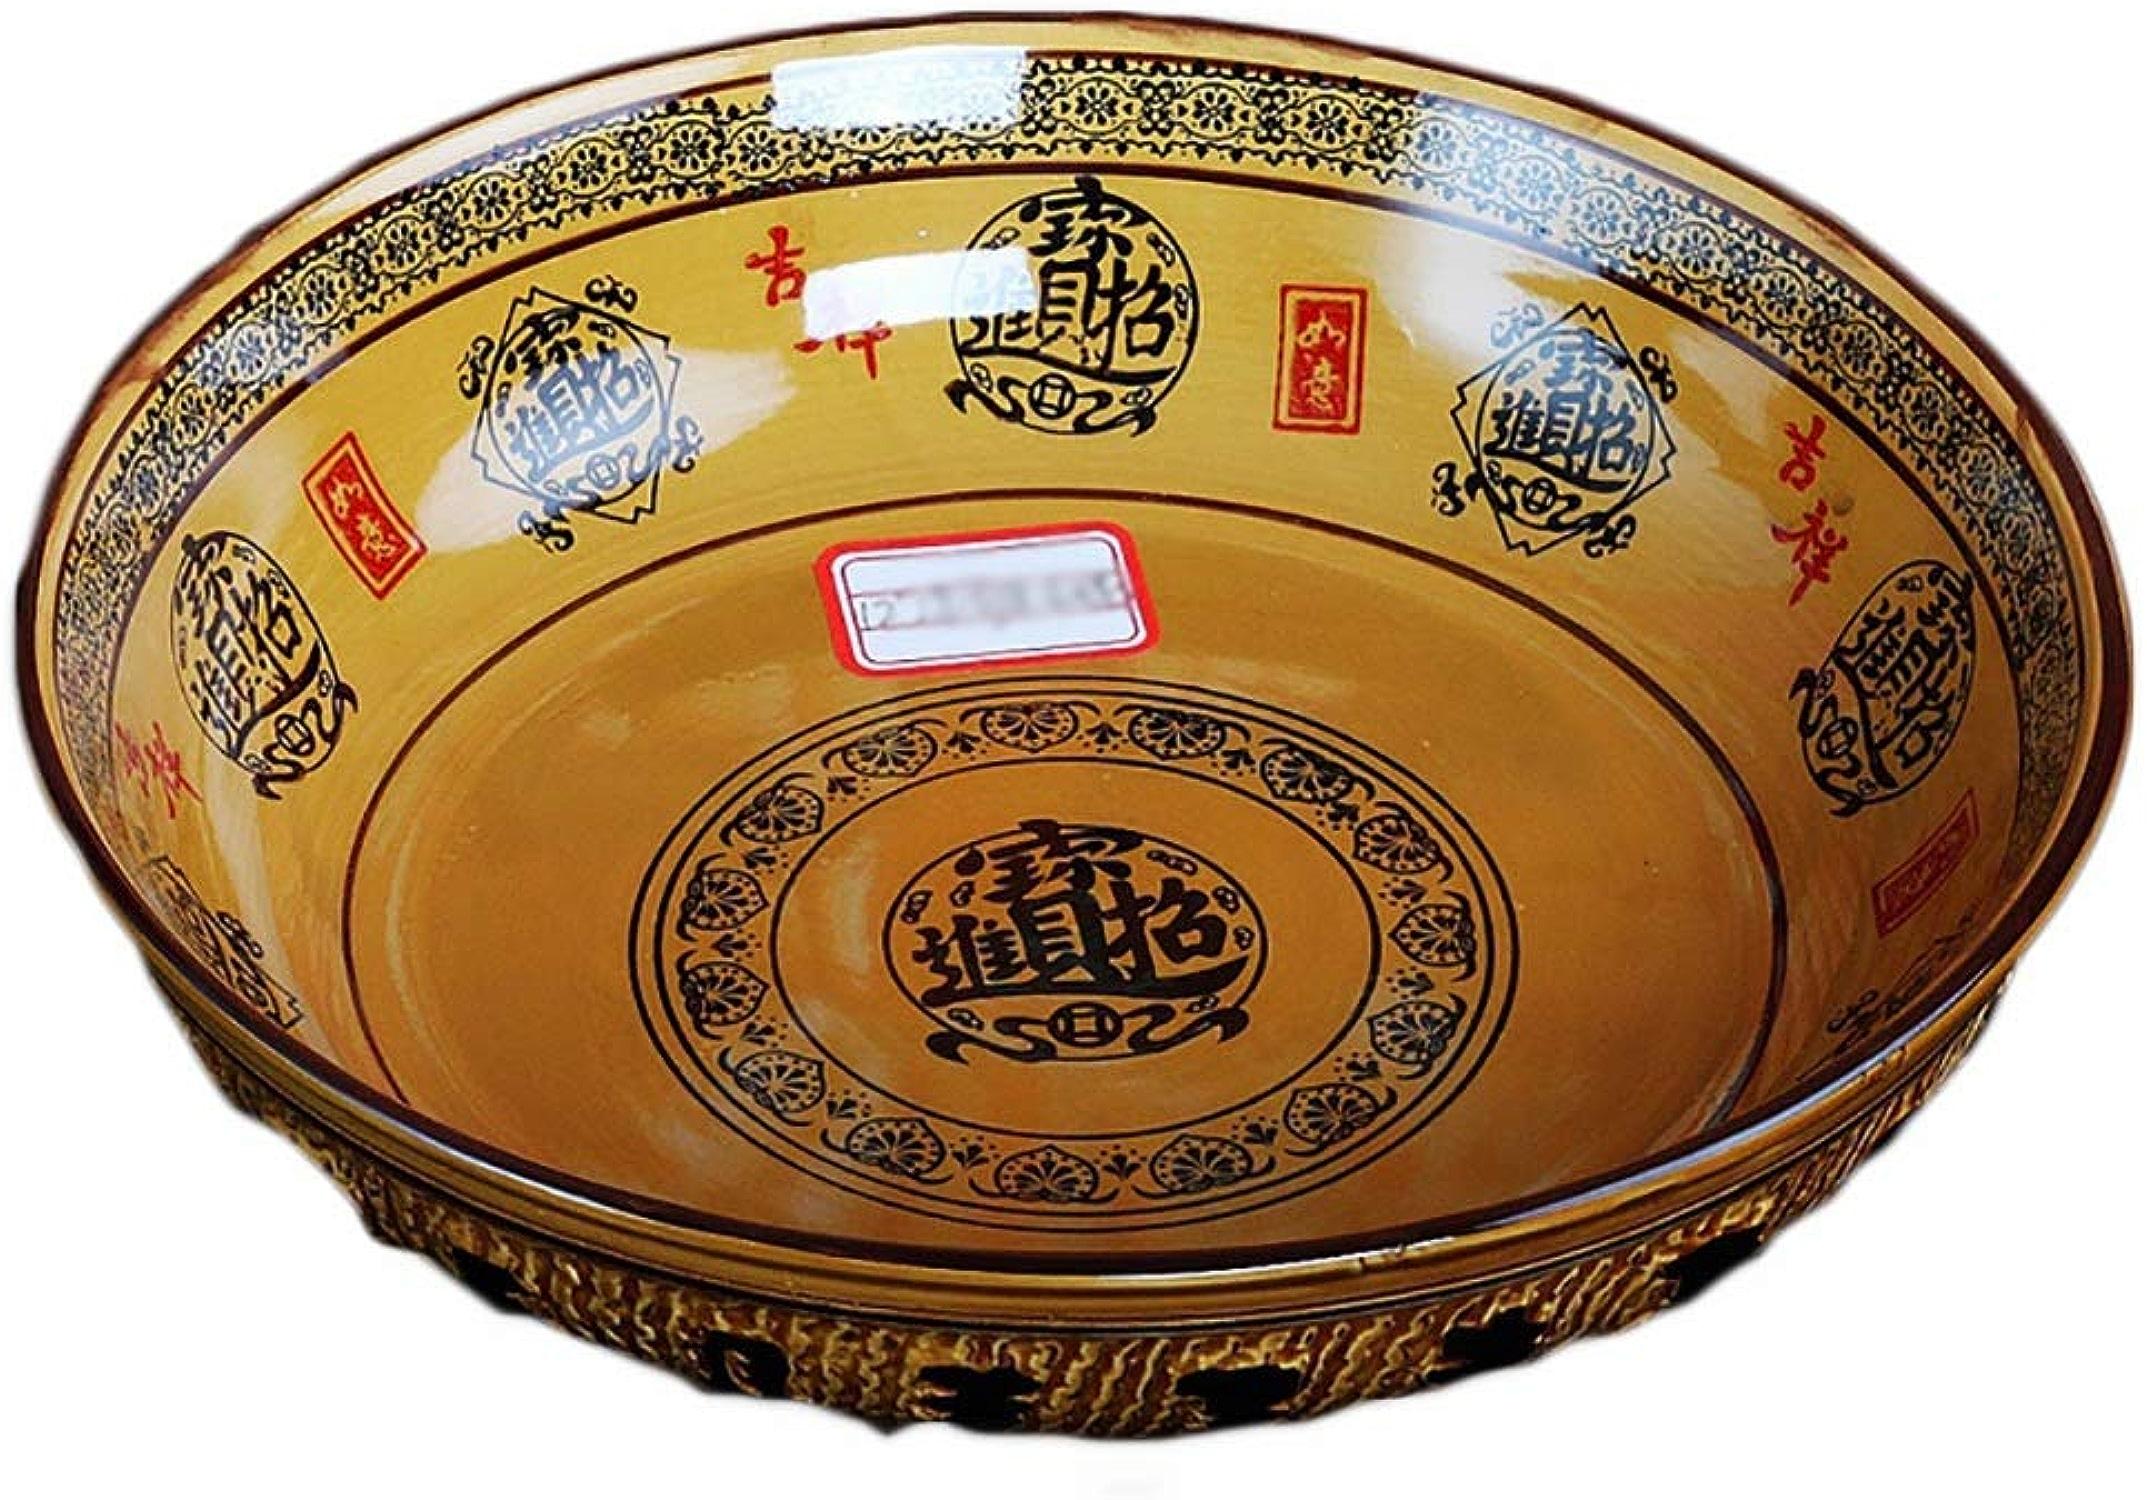 Cuisine et repas Bol en céramique, bol à salade, bol à raHommes rétro domestique, grand bol de bol à soupe (taille   32.5cm)